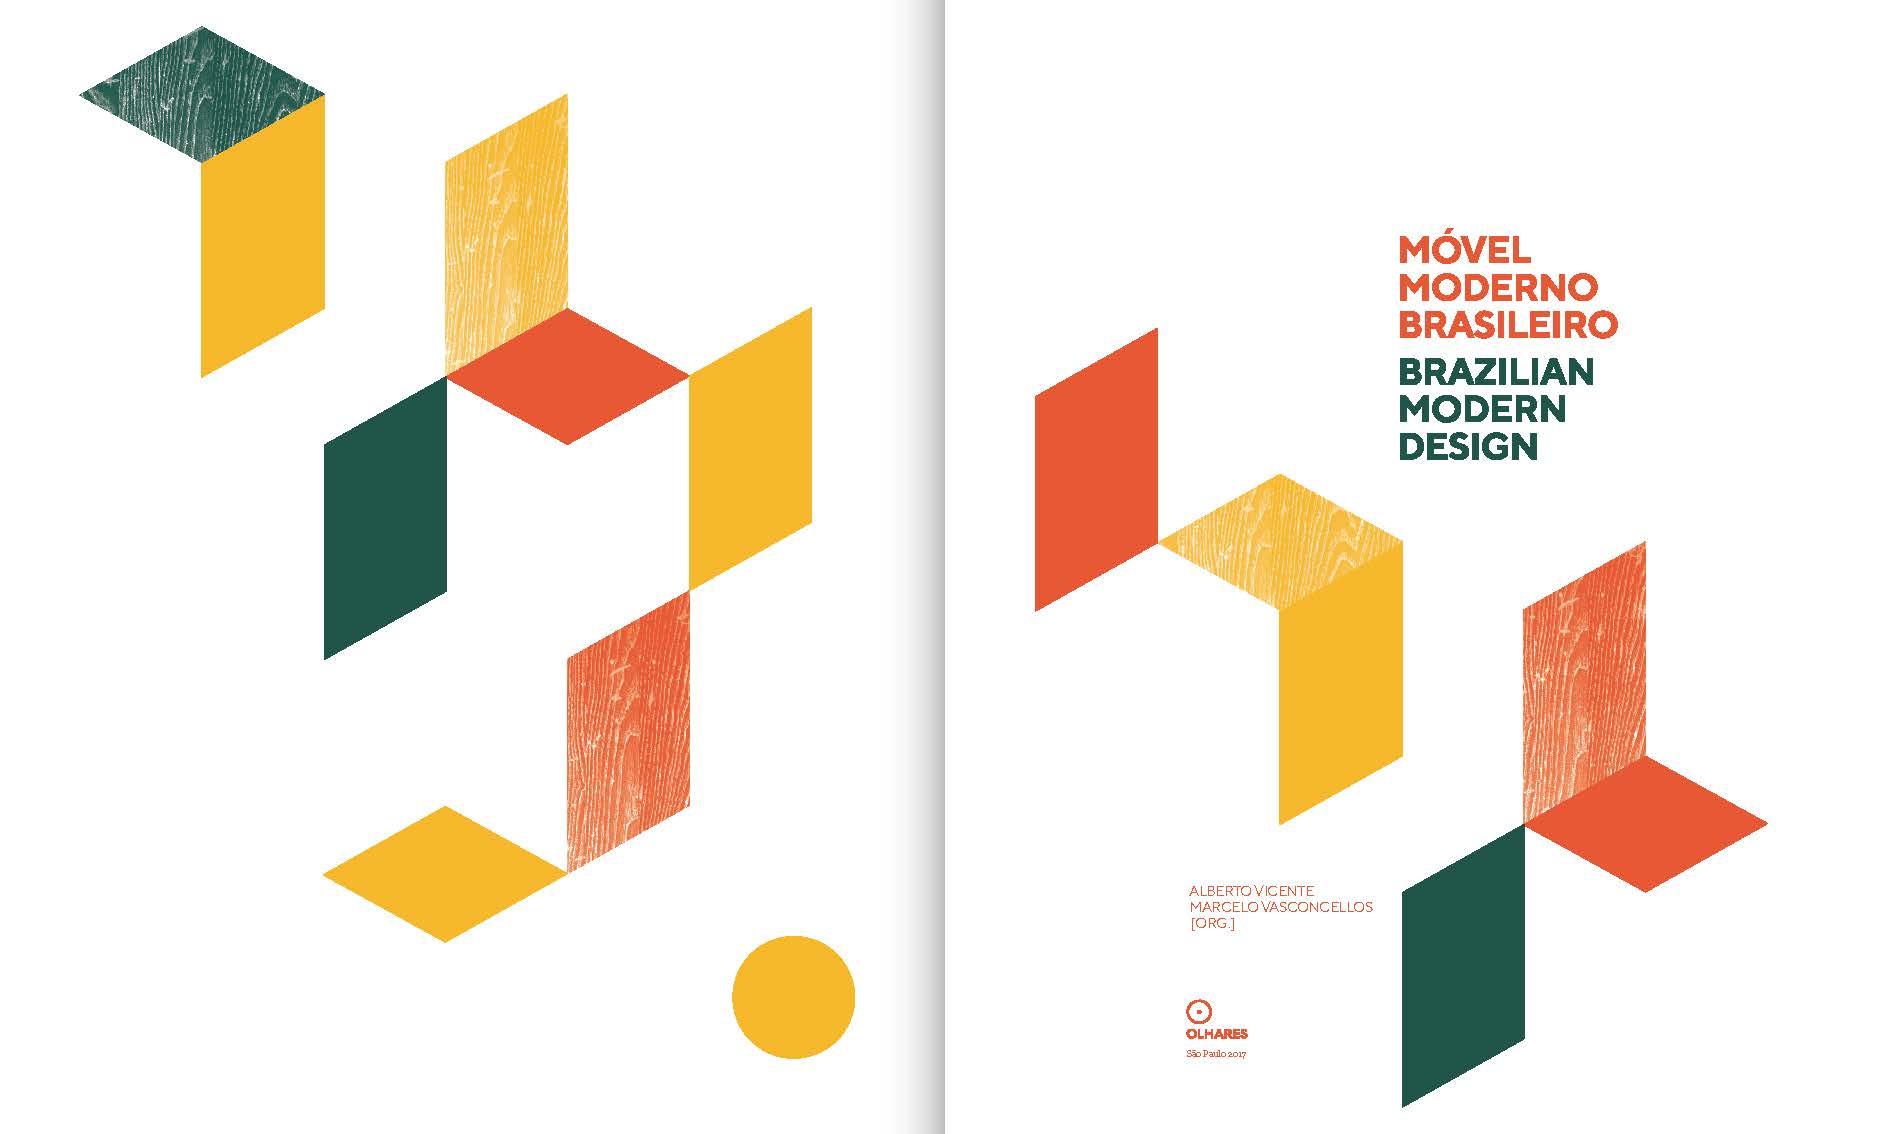 movel_moderno_brasileiro-1